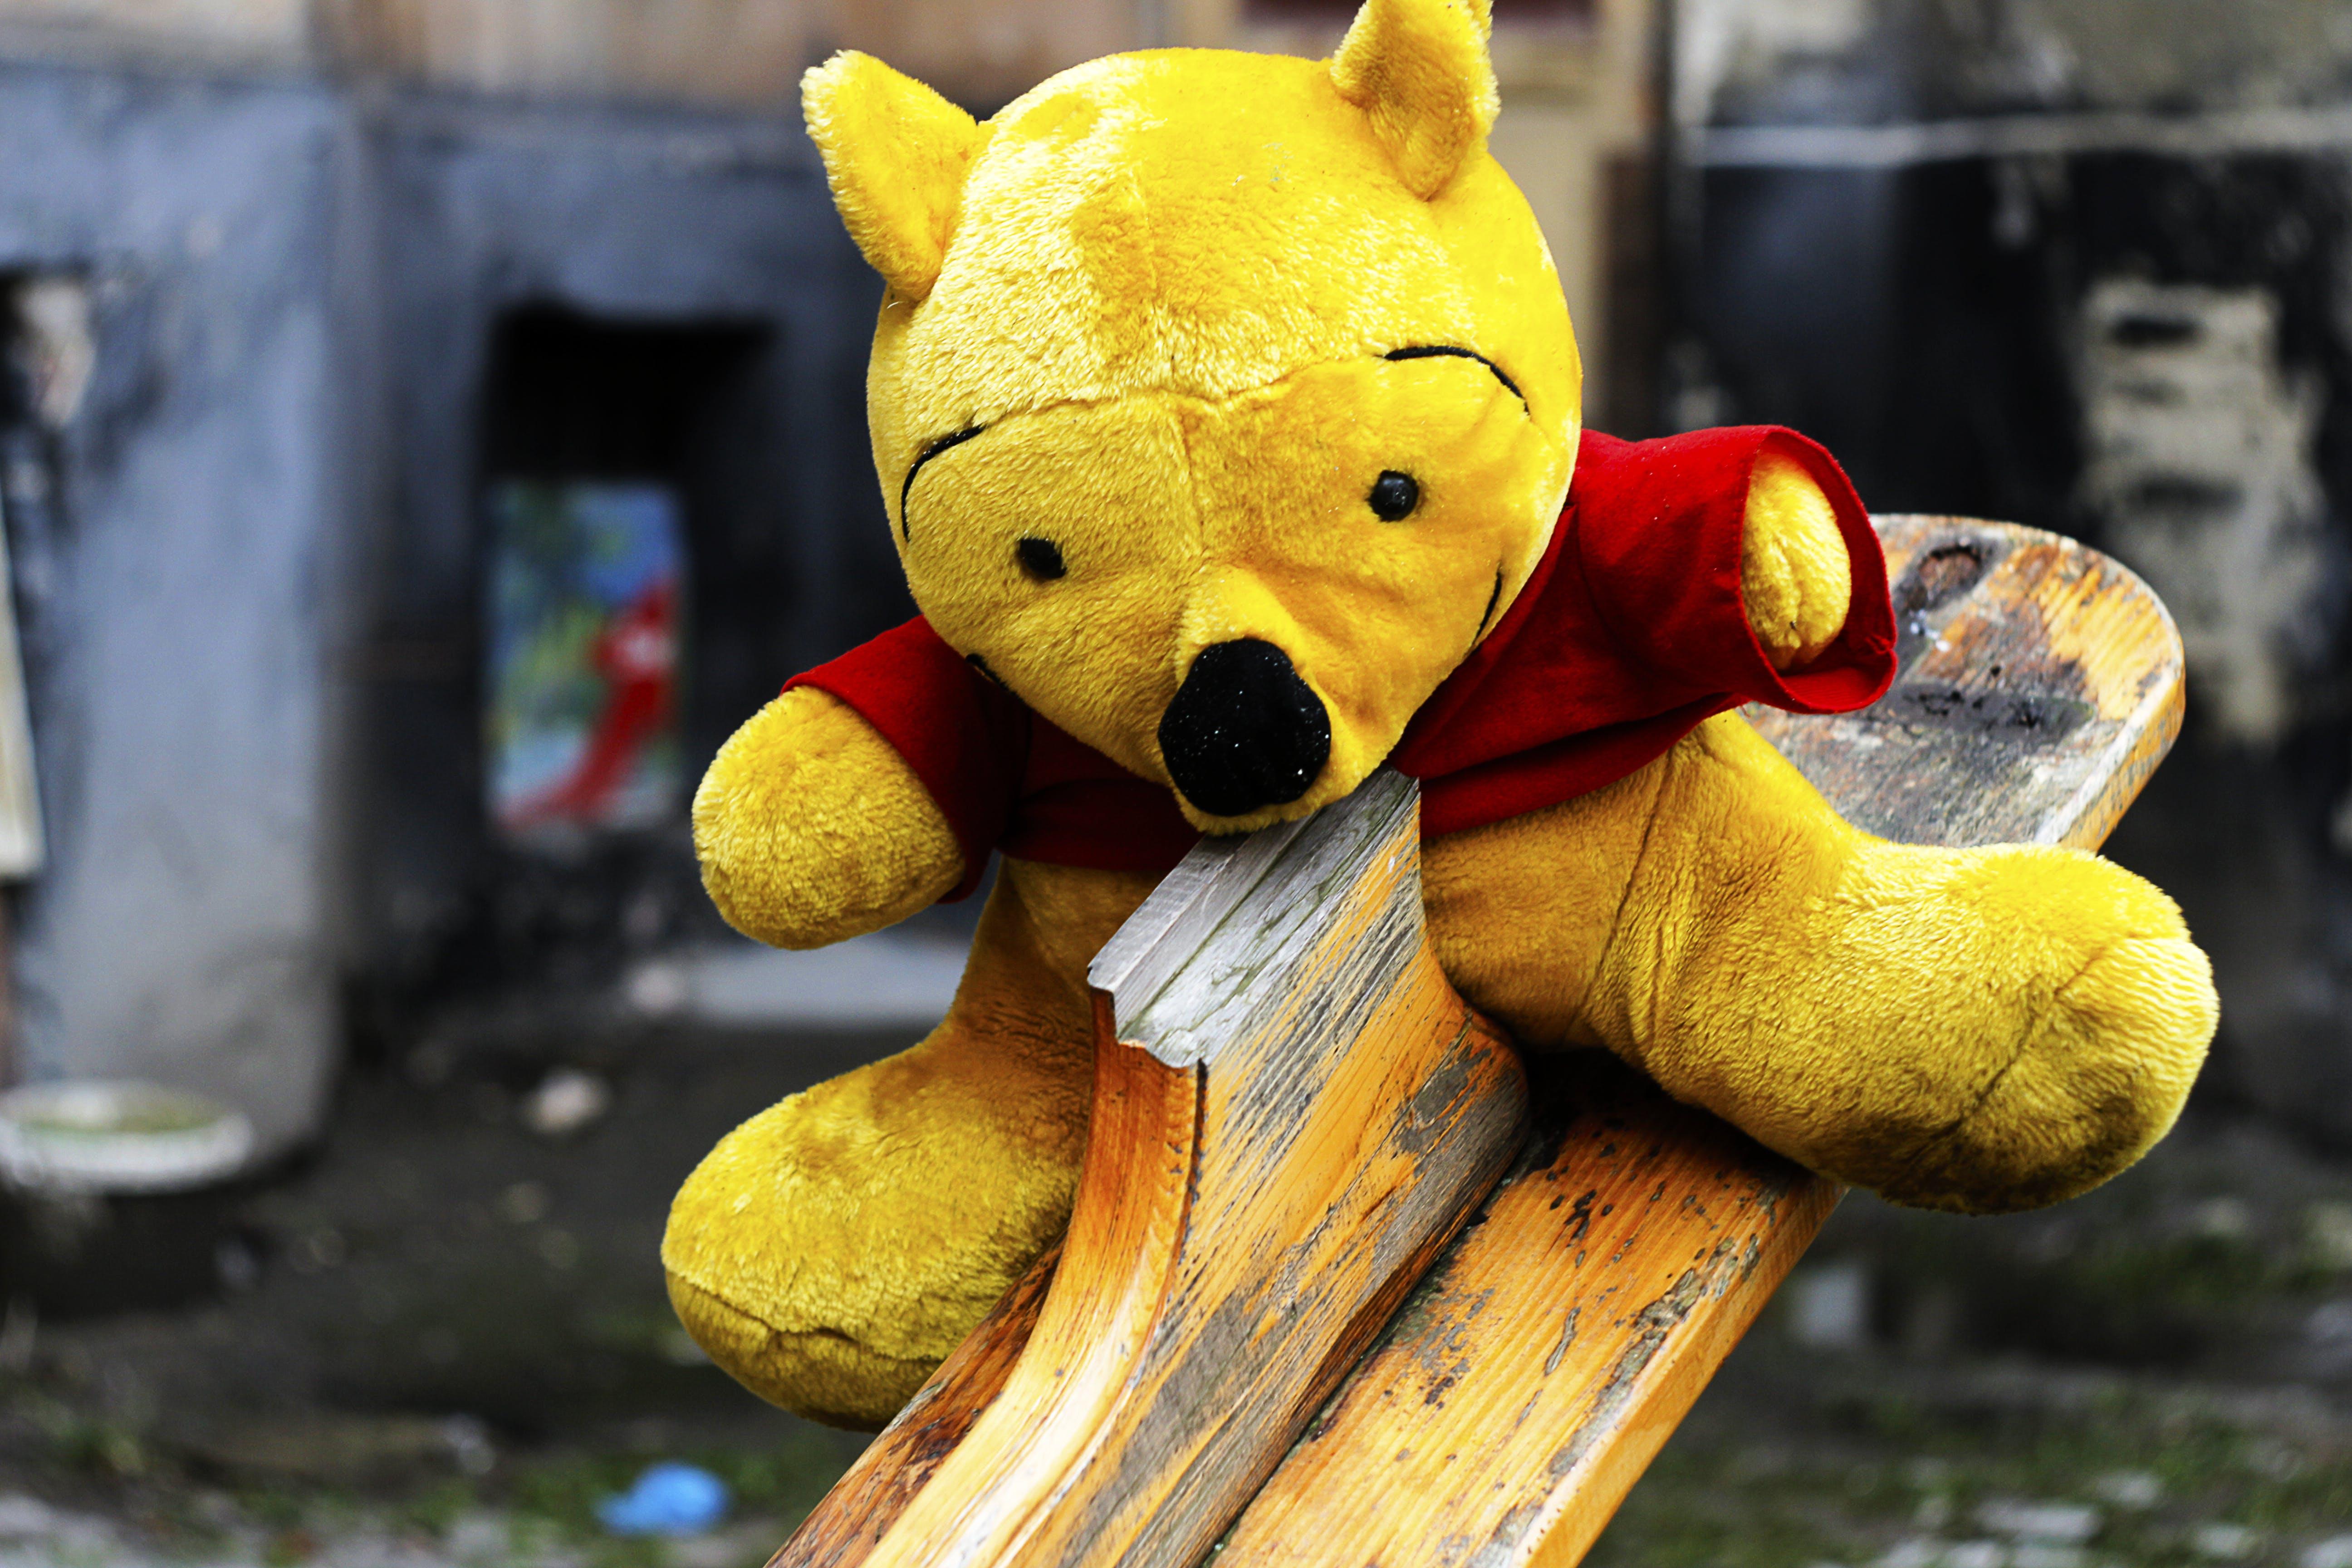 bulanıklık, çocukluk, dinlenme, doldurulmuş oyuncak içeren Ücretsiz stok fotoğraf